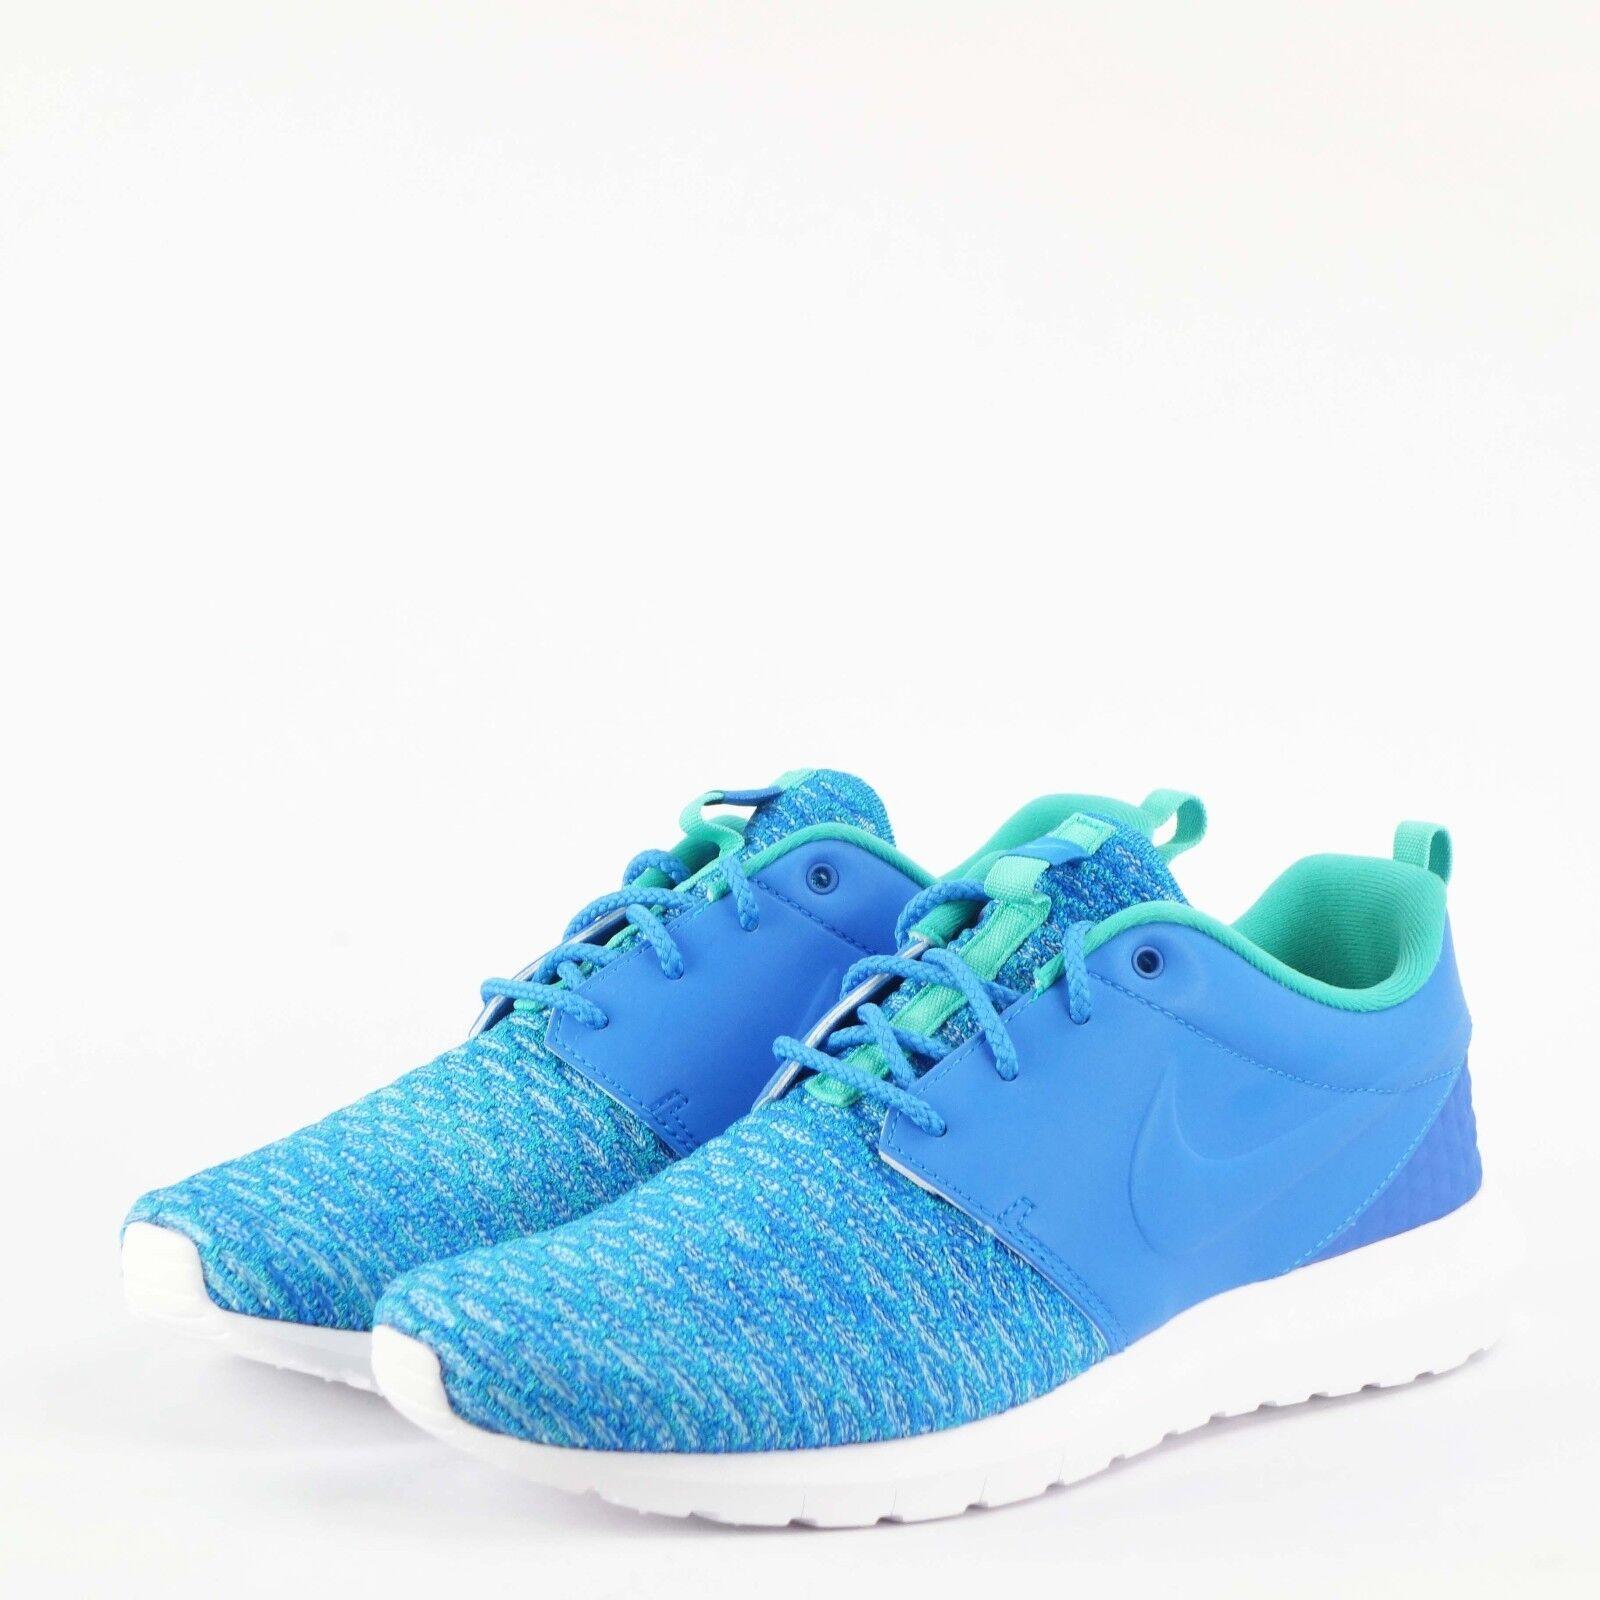 50633733447f2 Nike Roshe NM Flyknit PRM Rosherun Blue Mens Running Shoes 746825 ...